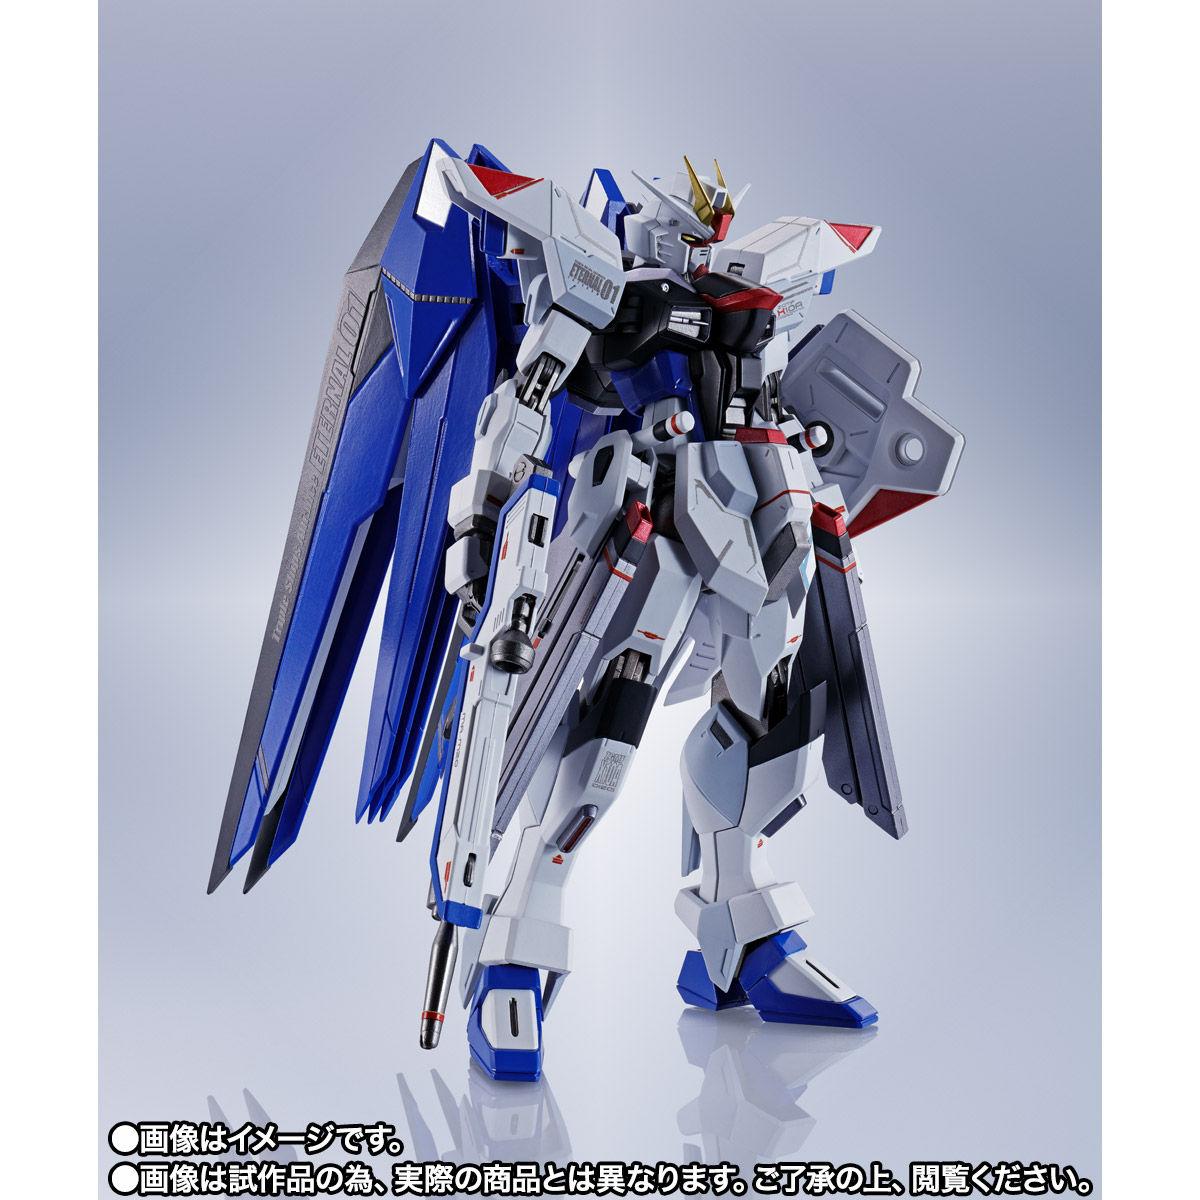 【限定販売】METAL ROBOT魂〈SIDE MS〉『フリーダムガンダム』ガンダムSEED 可動フィギュア-002